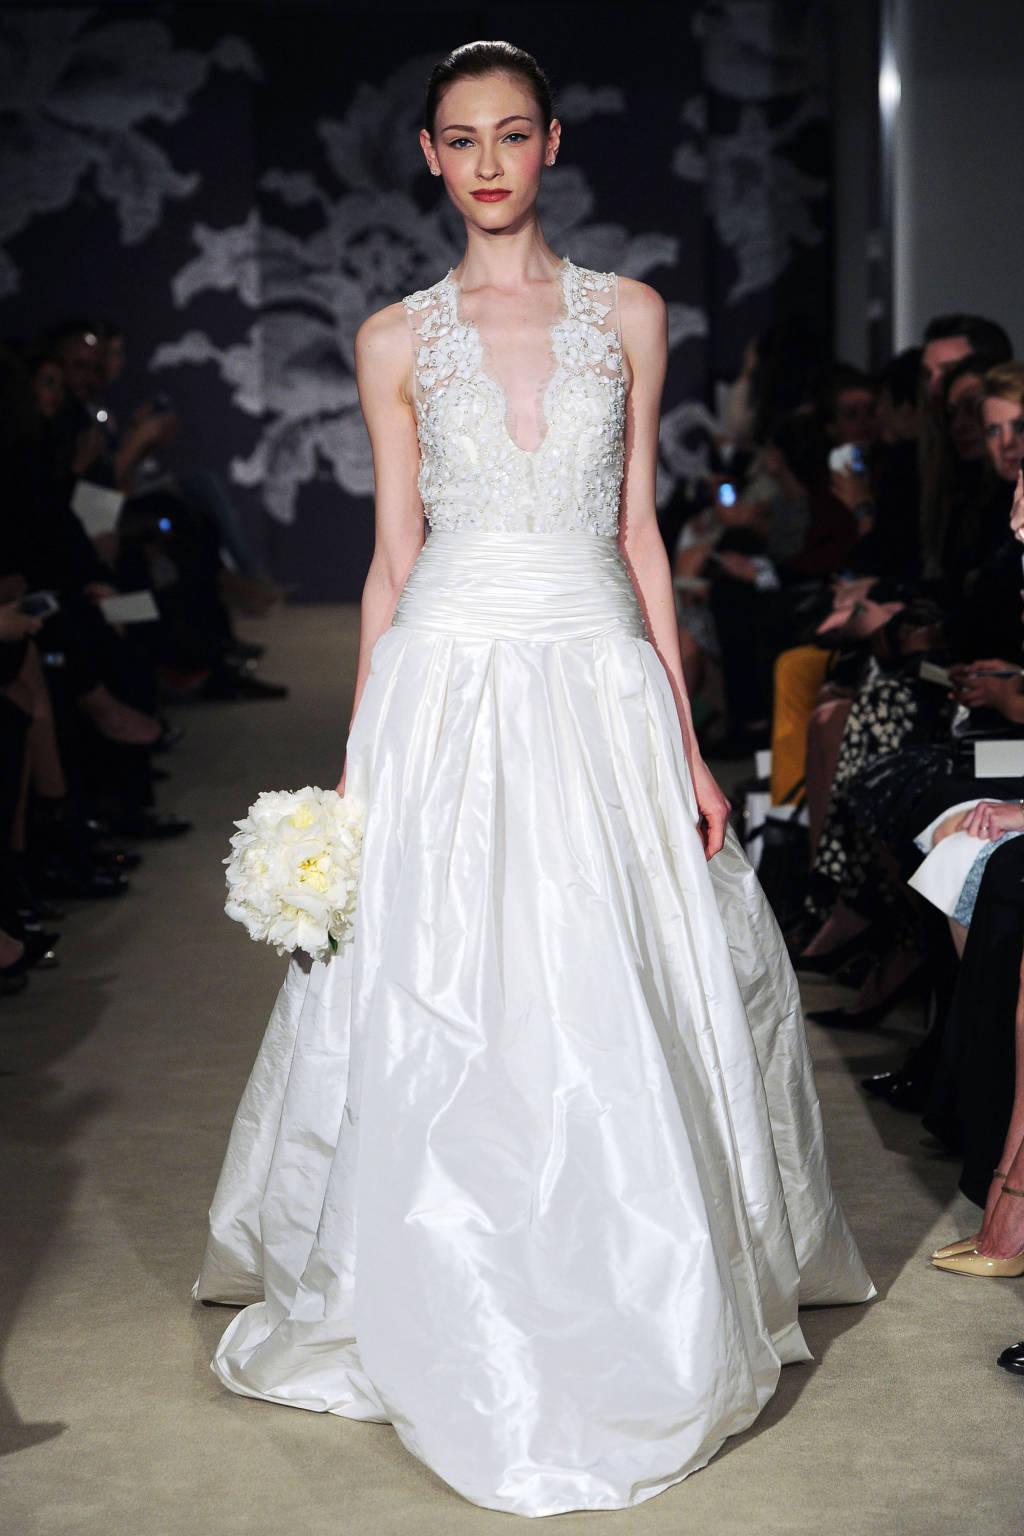 Những mẫu đầm này xuất hiện tại Tuần lễ thời trang New York khiến các cô dâu mê mẩn đến phát cuồng.